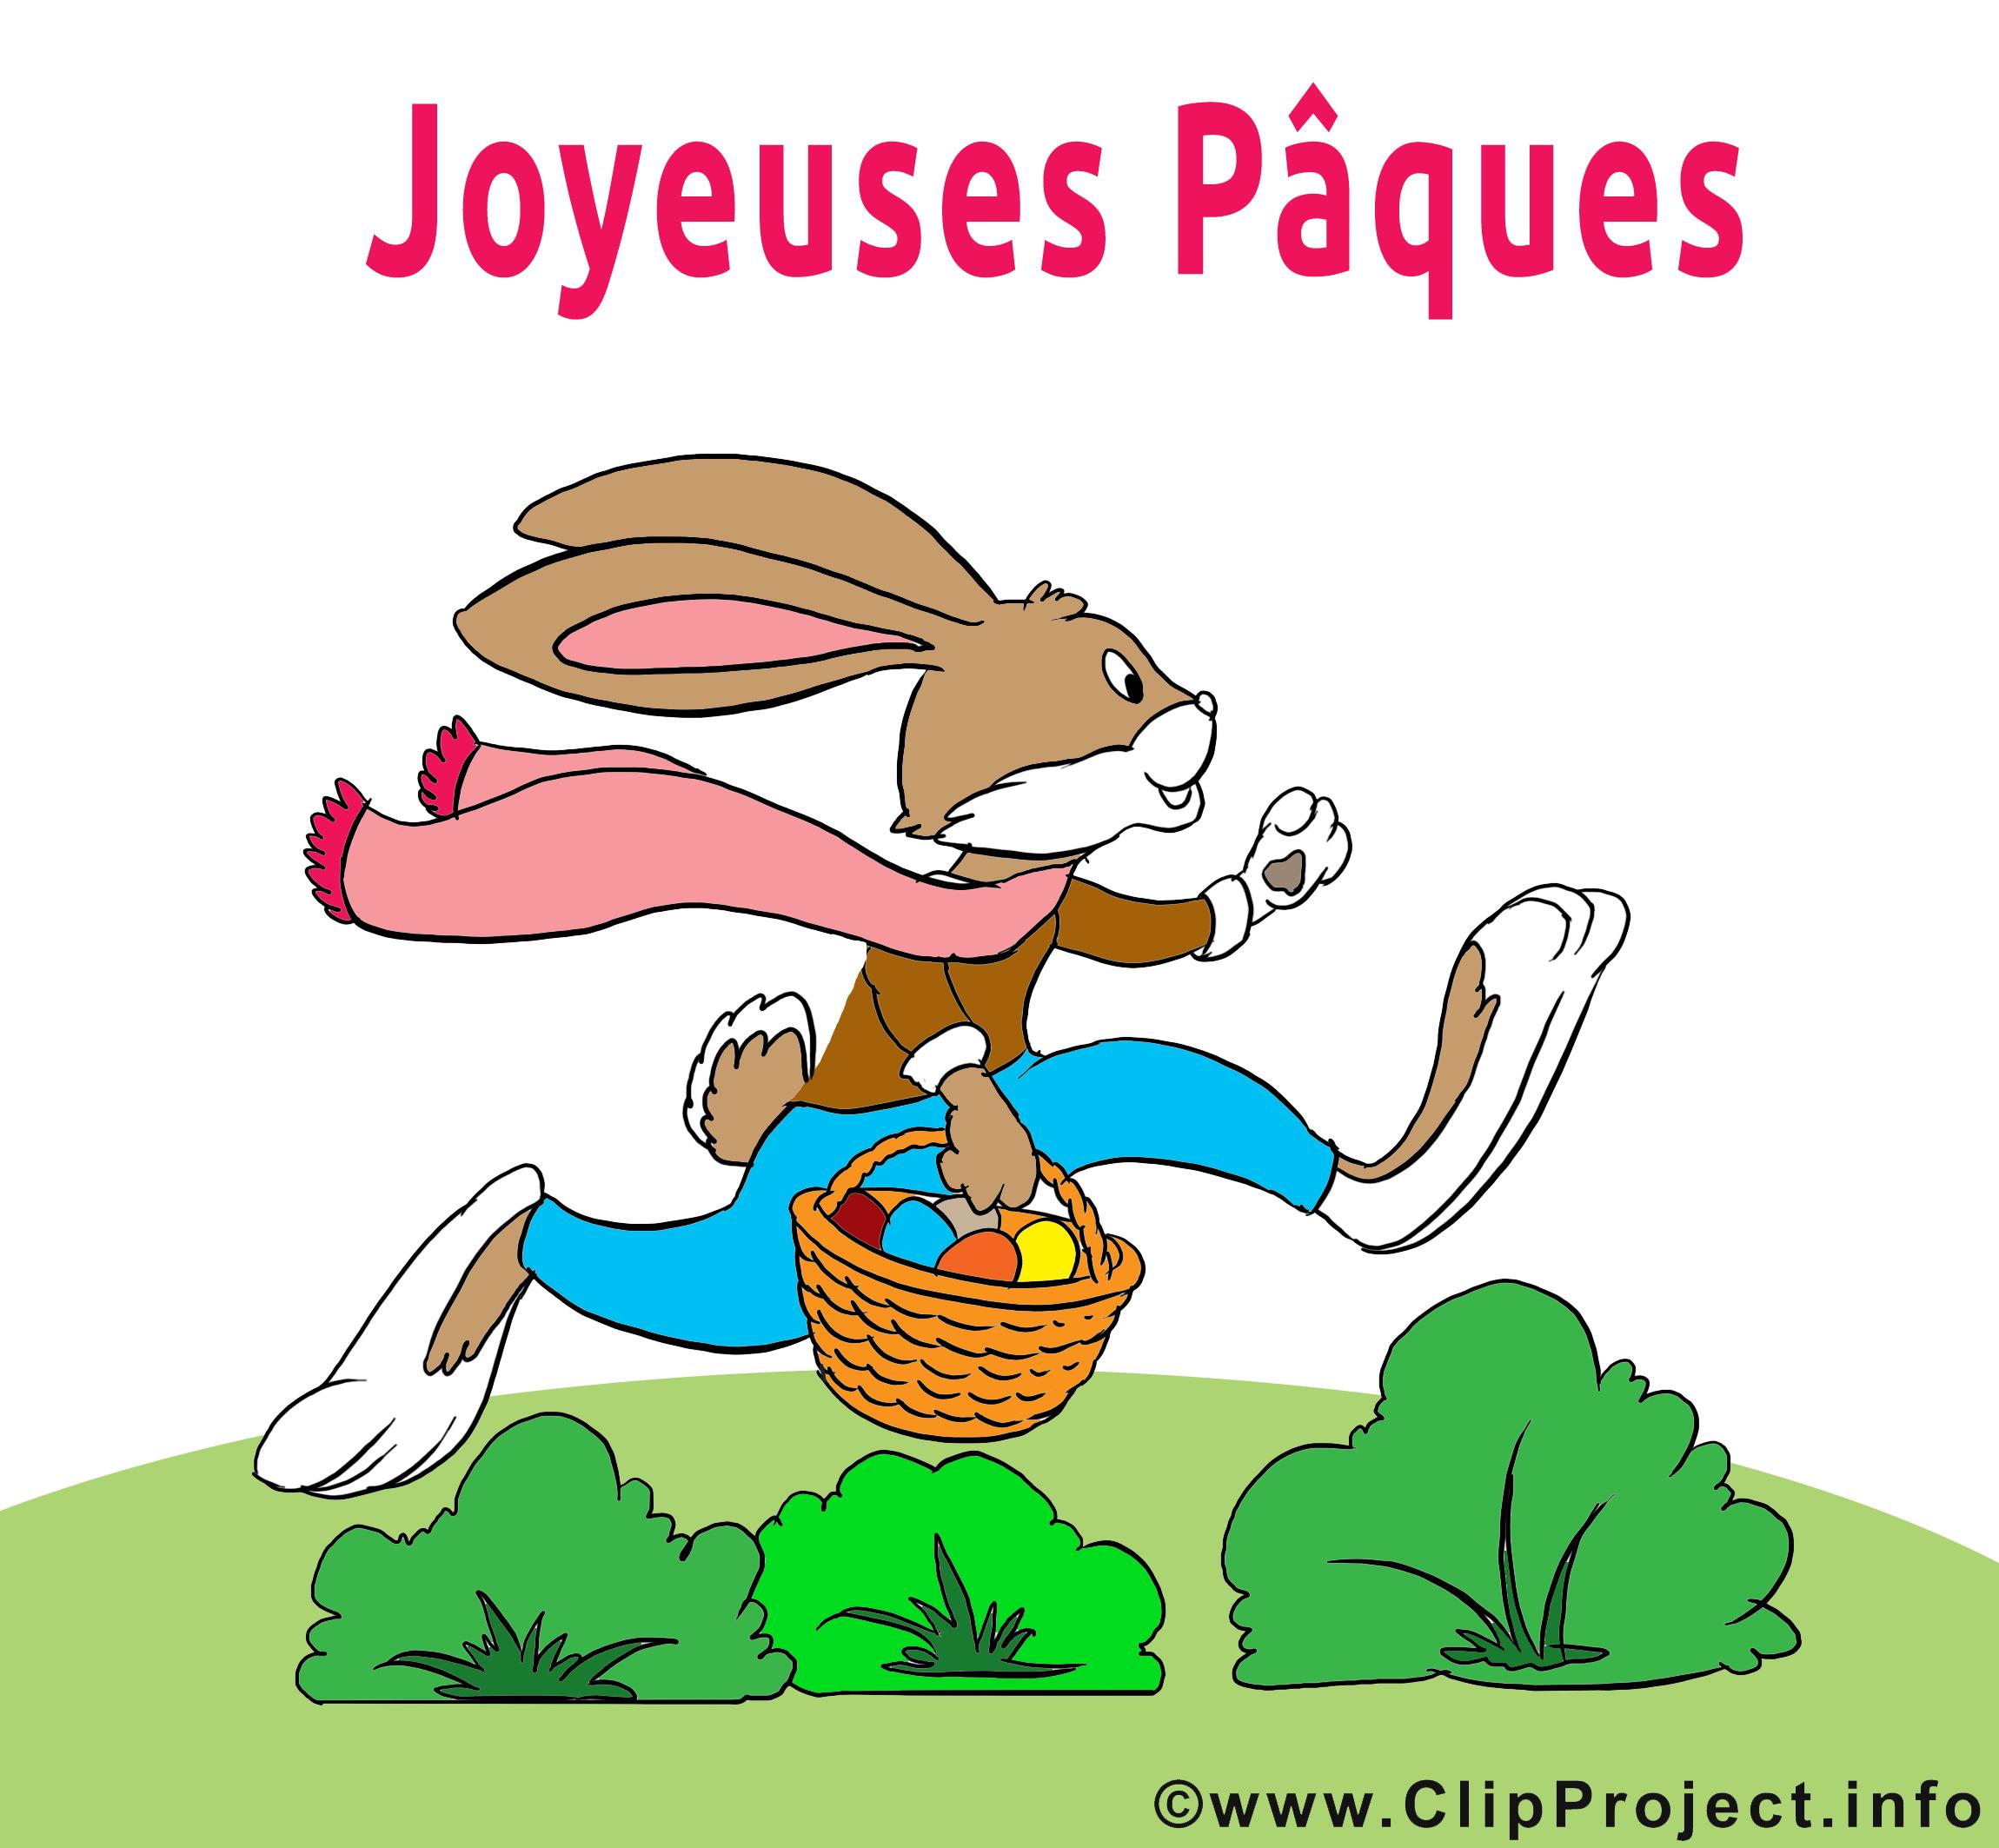 Lapin p ques clip art gratuit images p ques dessin picture image graphic clip art - Image lapin de paques ...